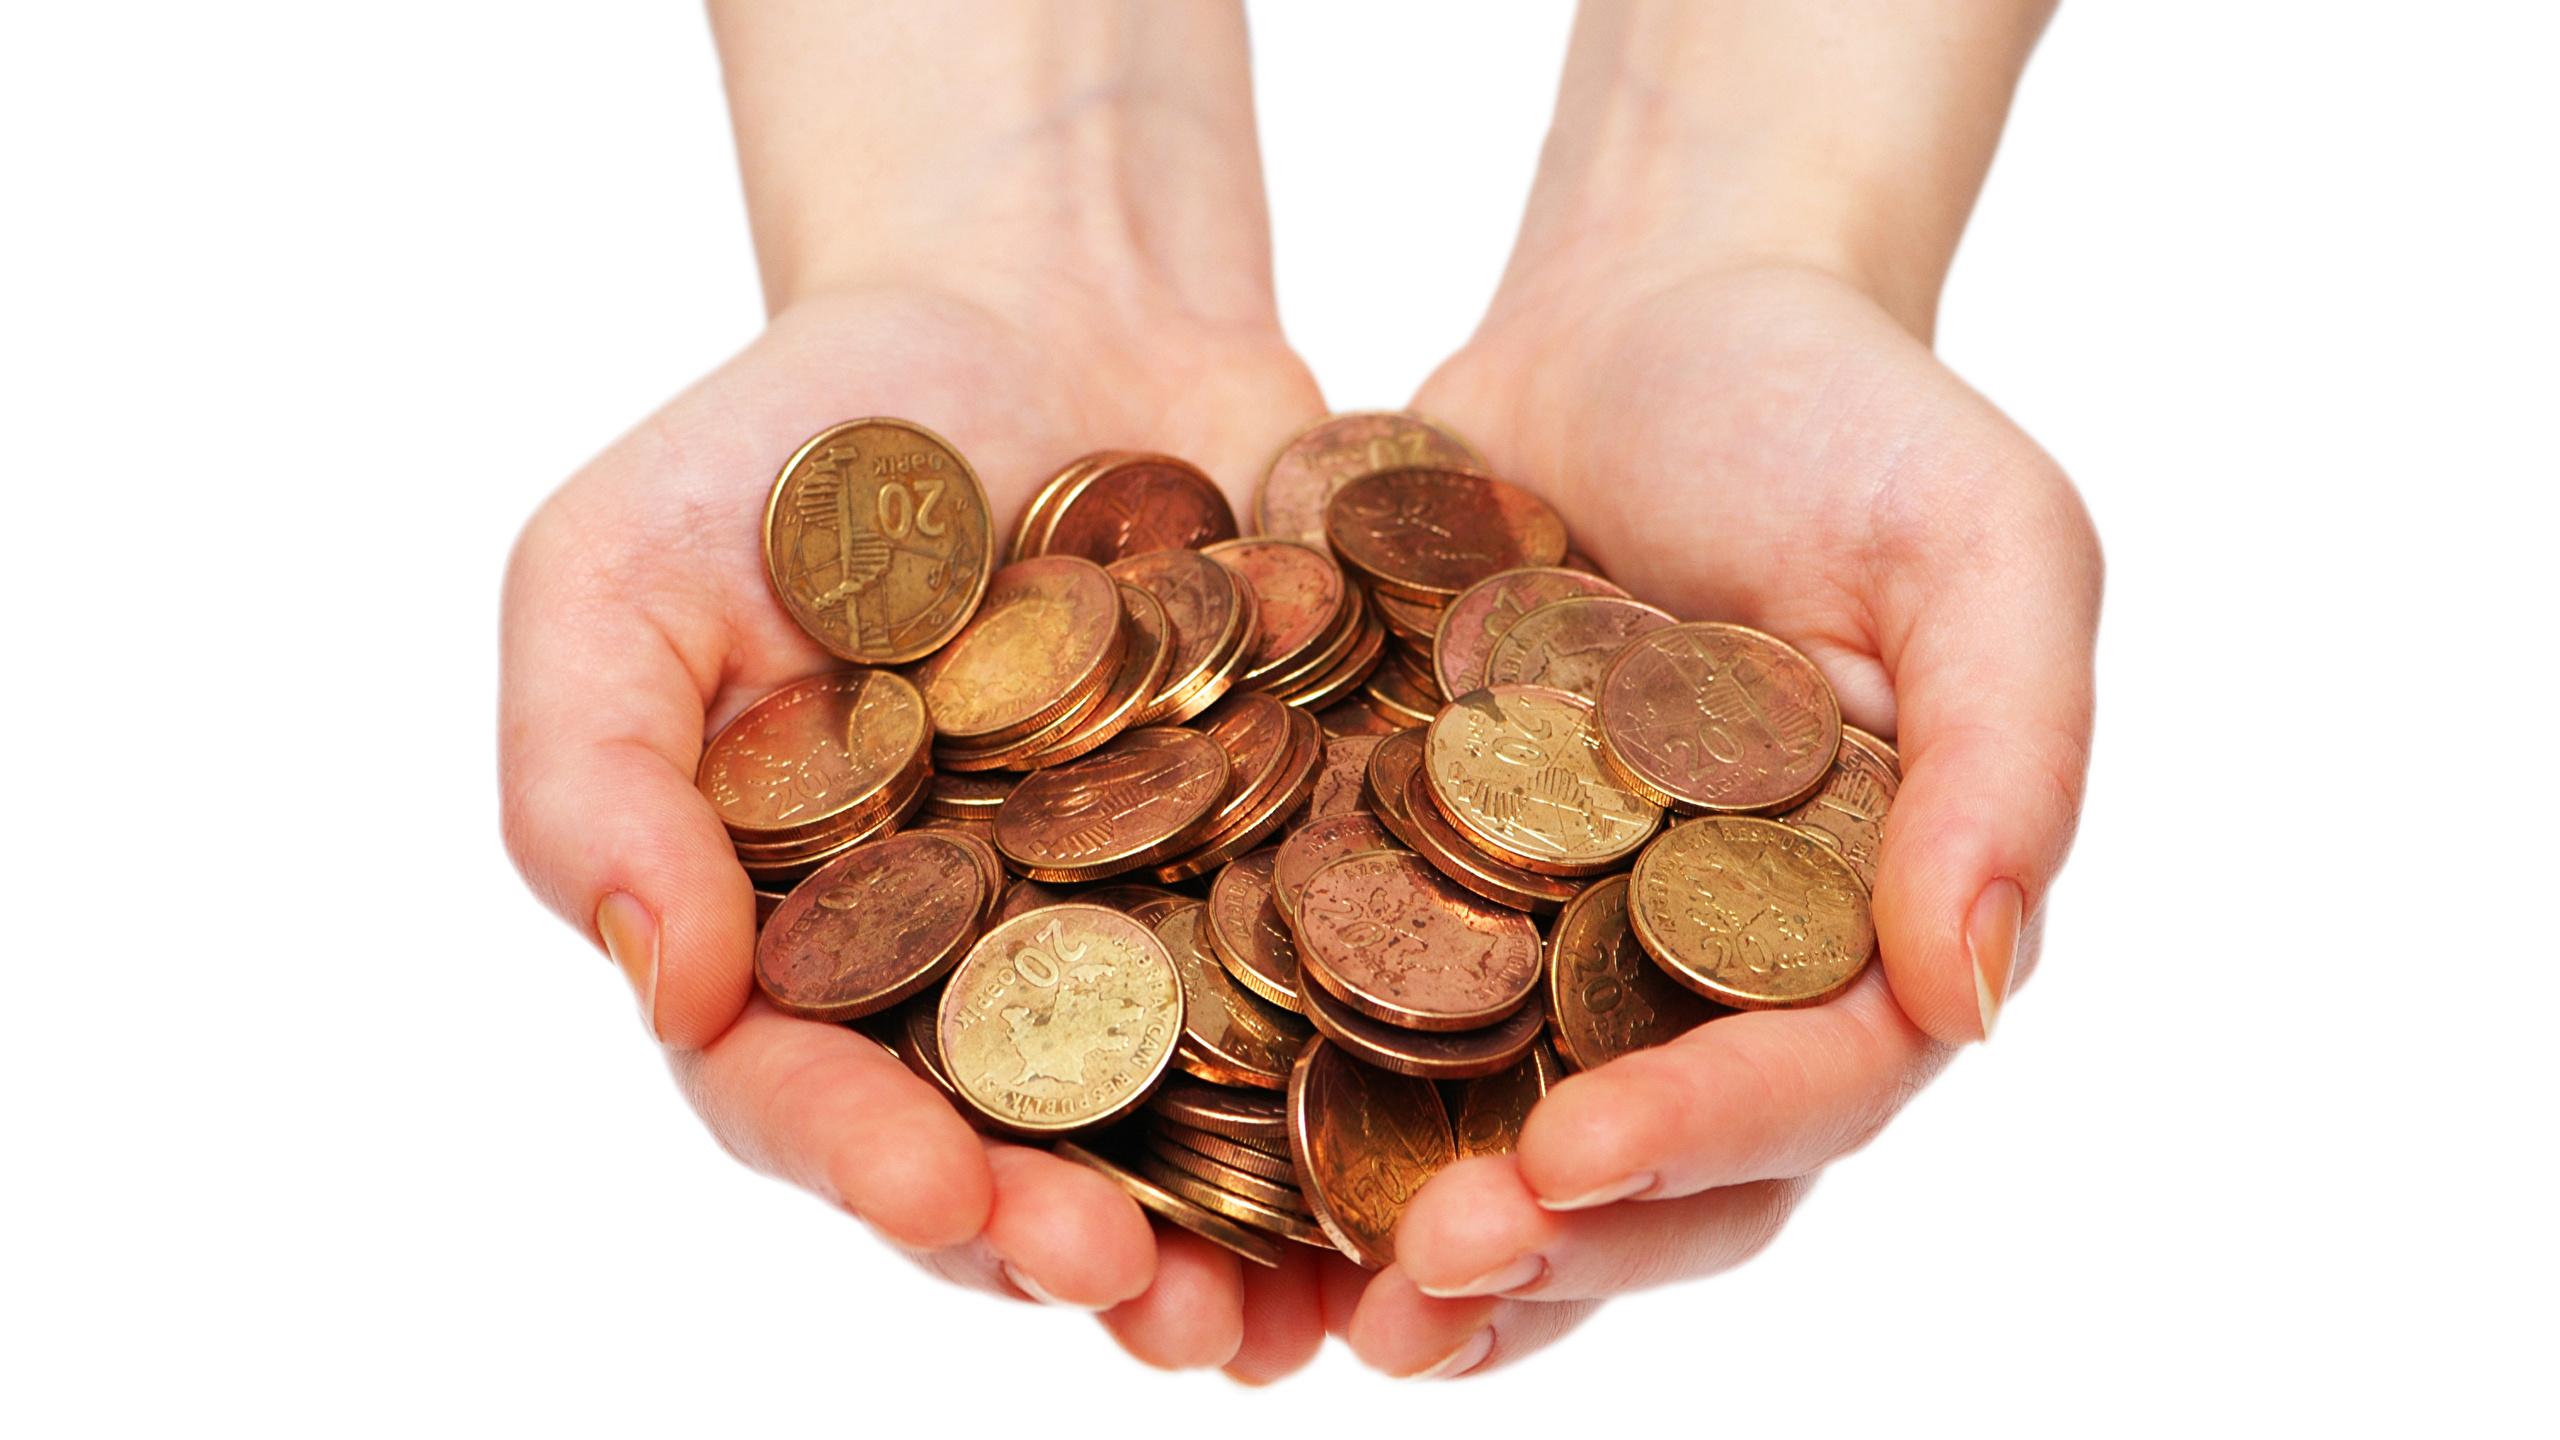 Fotos Münze Hand Geld Weißer hintergrund 2560x1440